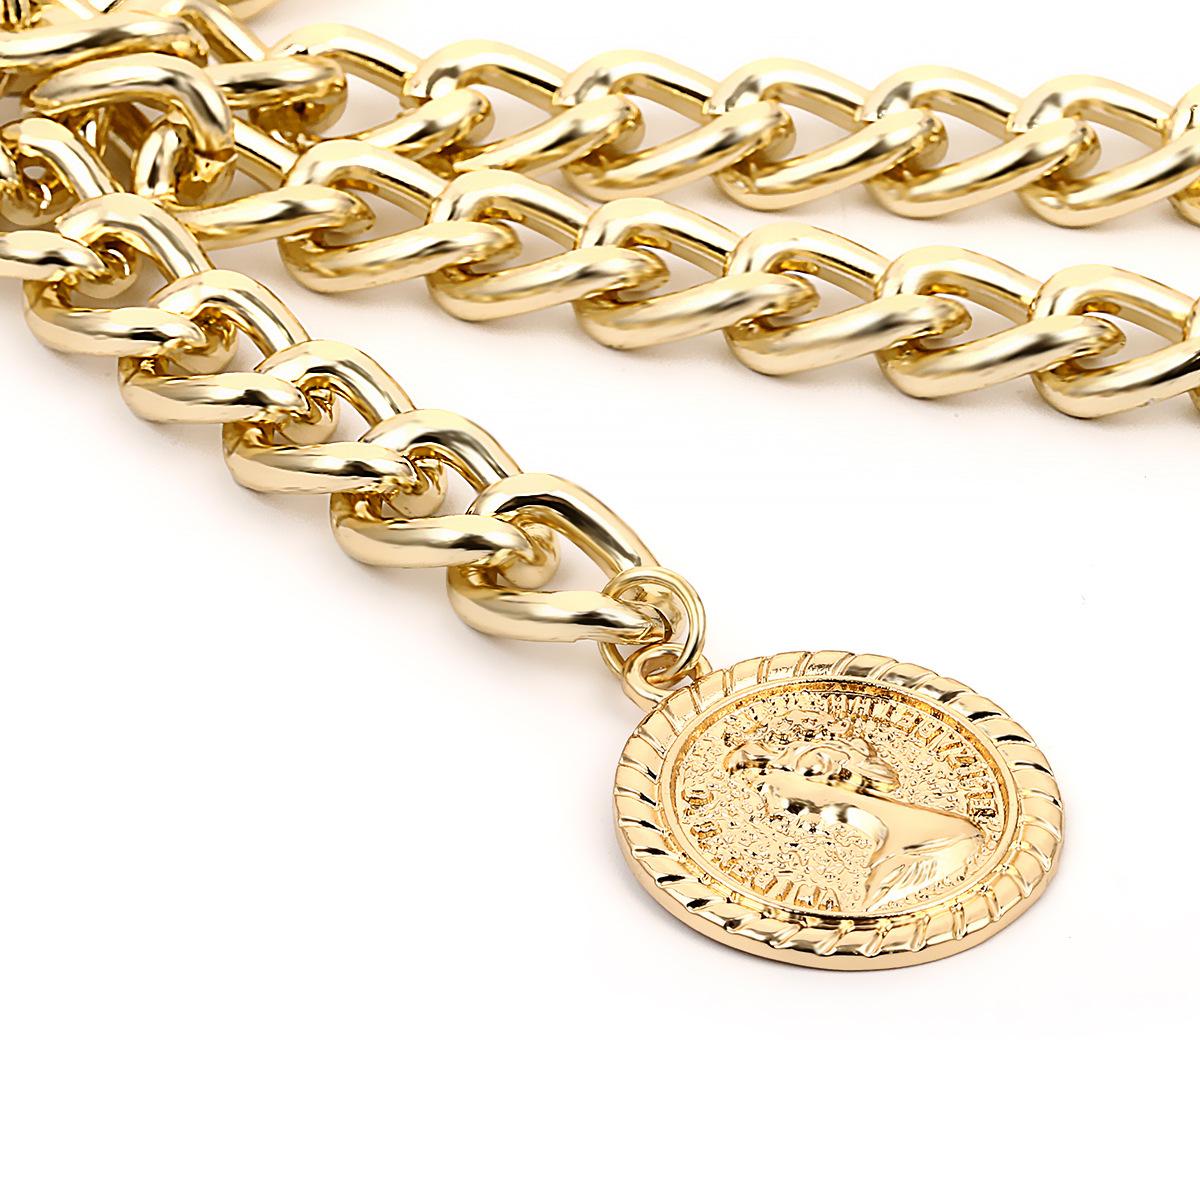 Женский ремень с цепочкой Artilady, модный пояс золотого цвета, аксессуары для женщин